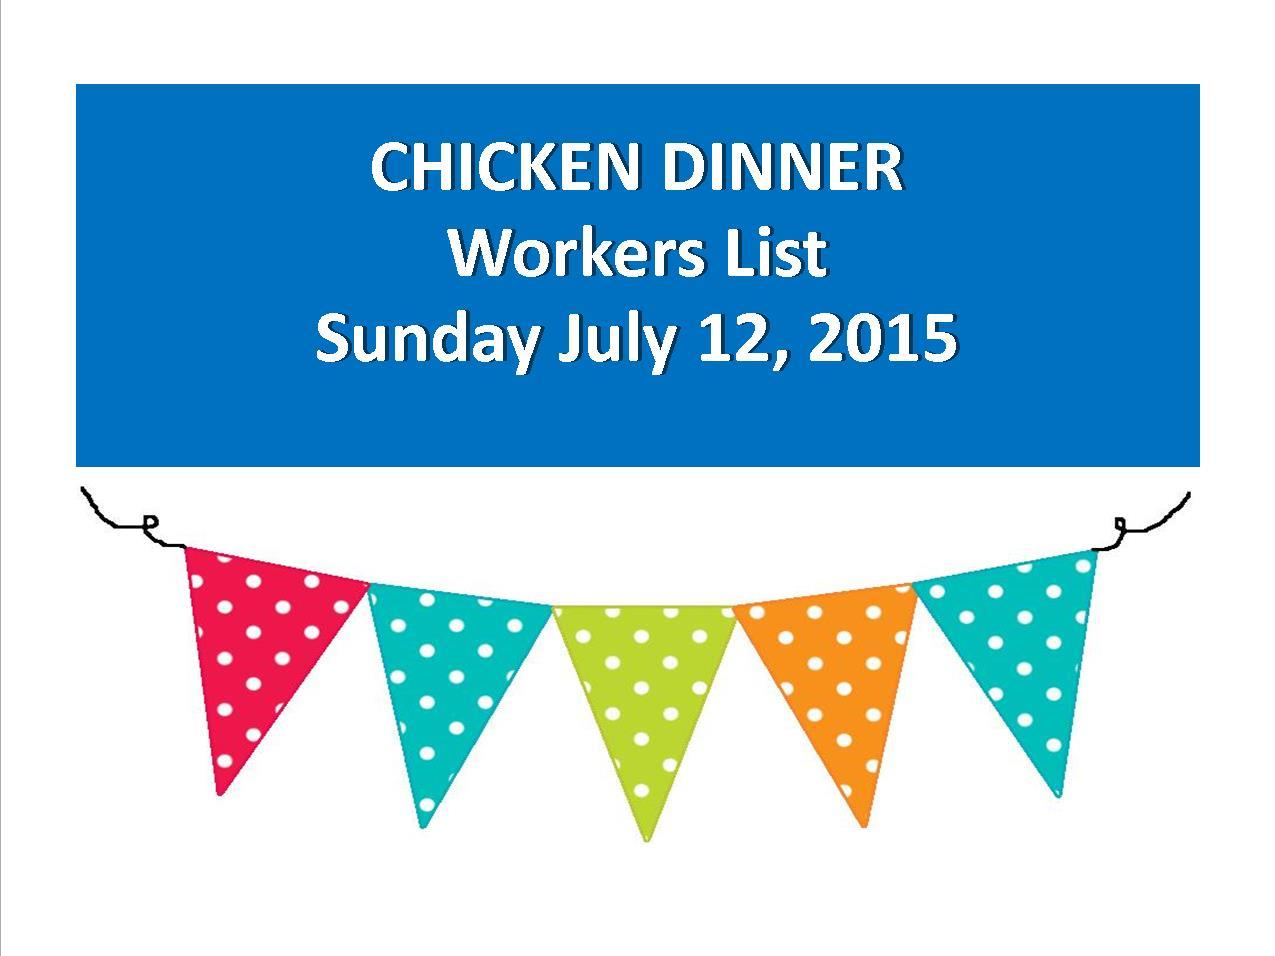 Chicken Dinner Worker List